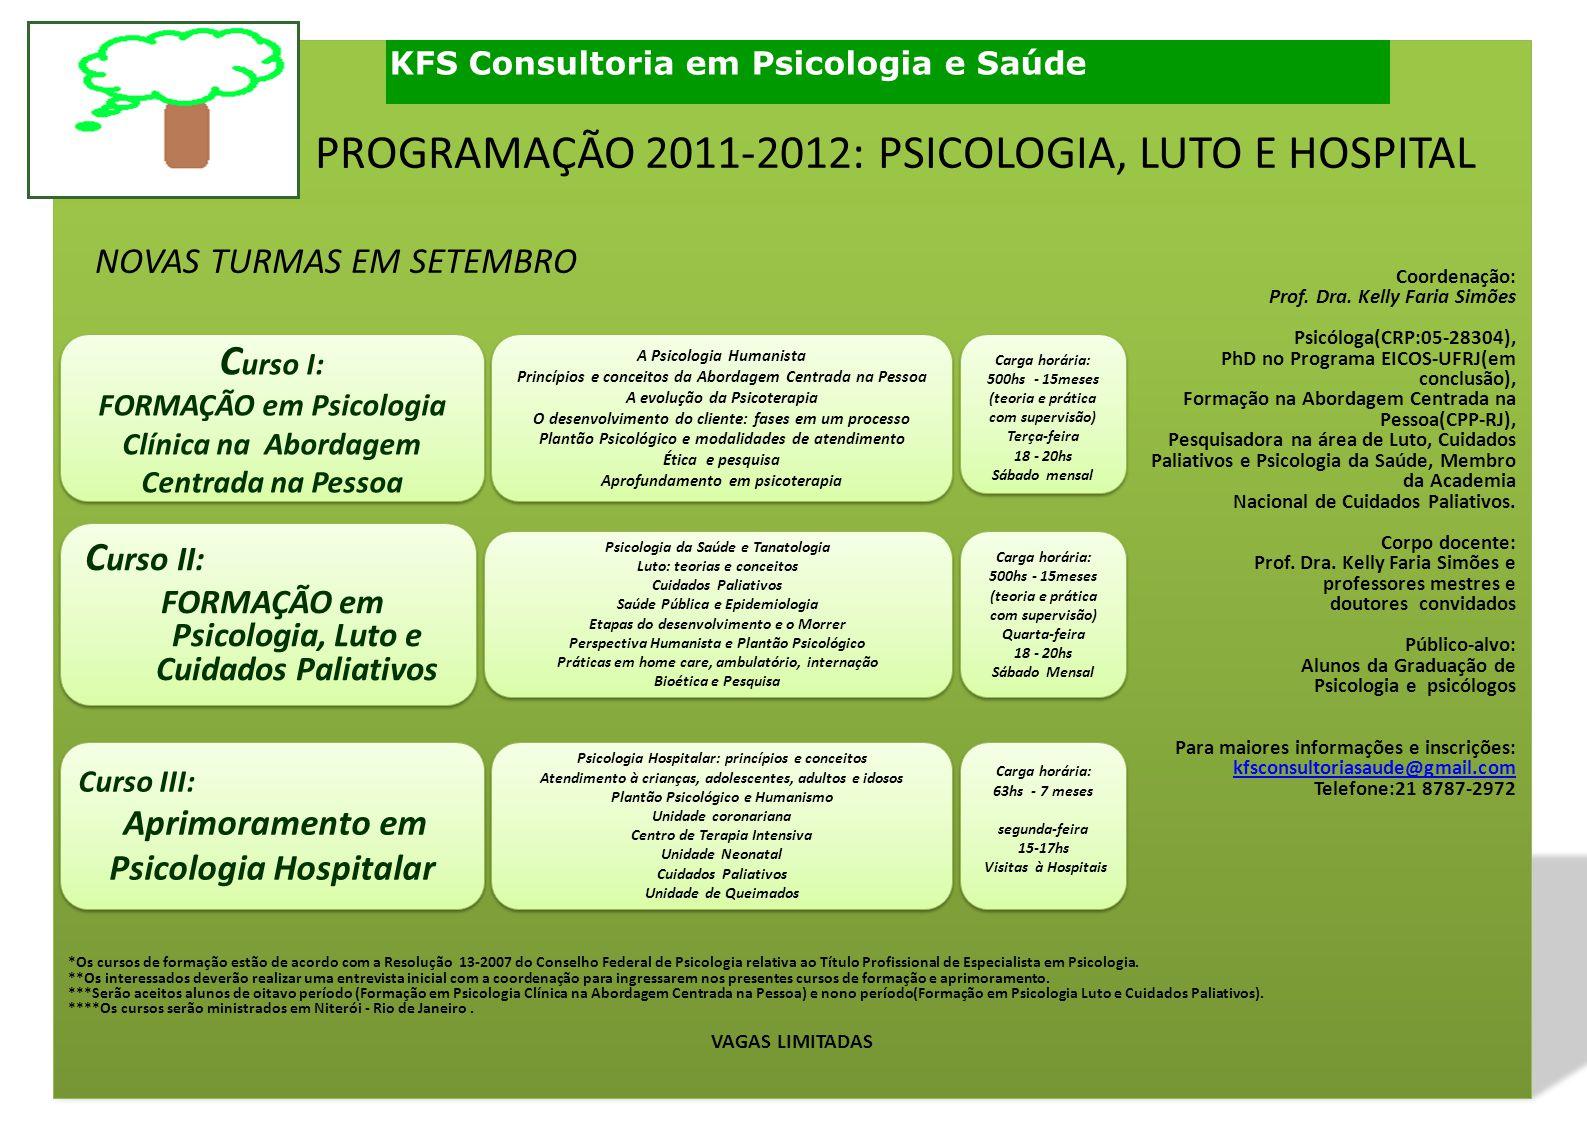 Coordenação: Prof. Dra. Kelly Faria Simões Psicóloga(CRP:05-28304), PhD no Programa EICOS-UFRJ(em conclusão), Formação na Abordagem Centrada na Pessoa